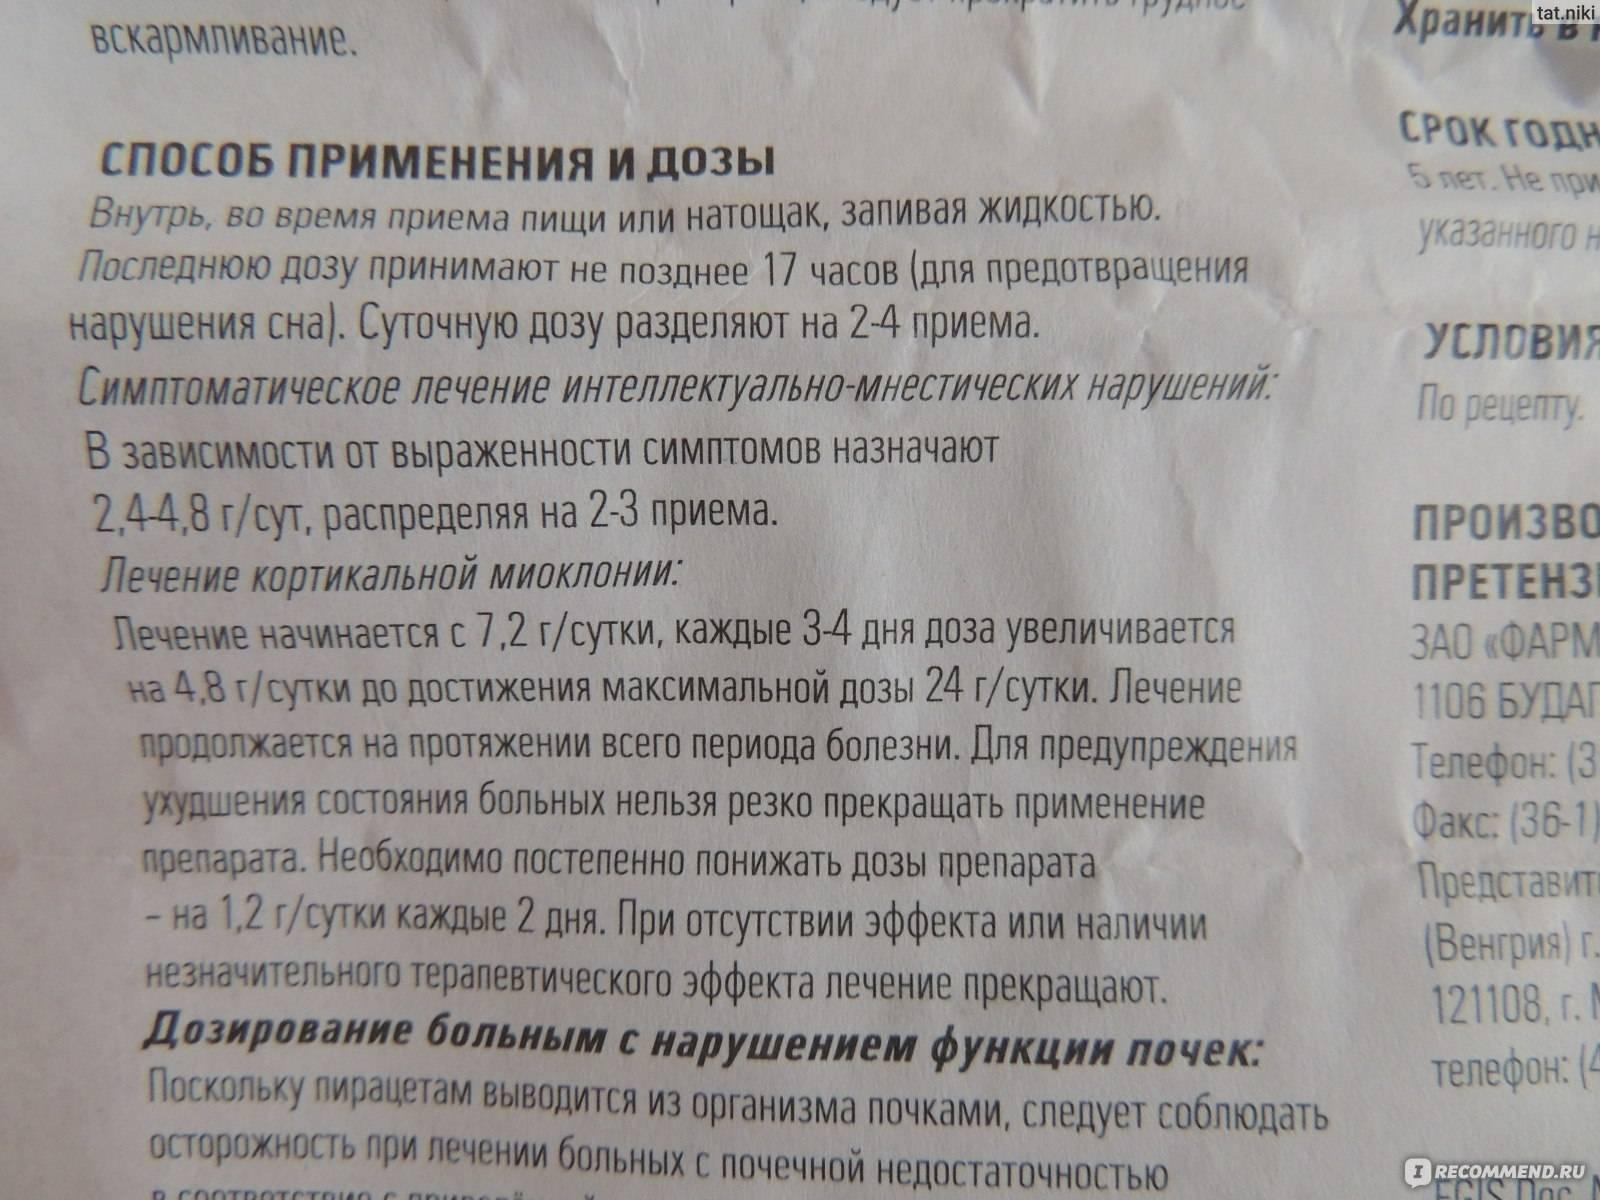 Ветеринар | 03.ru - медицинские консультации онлайн